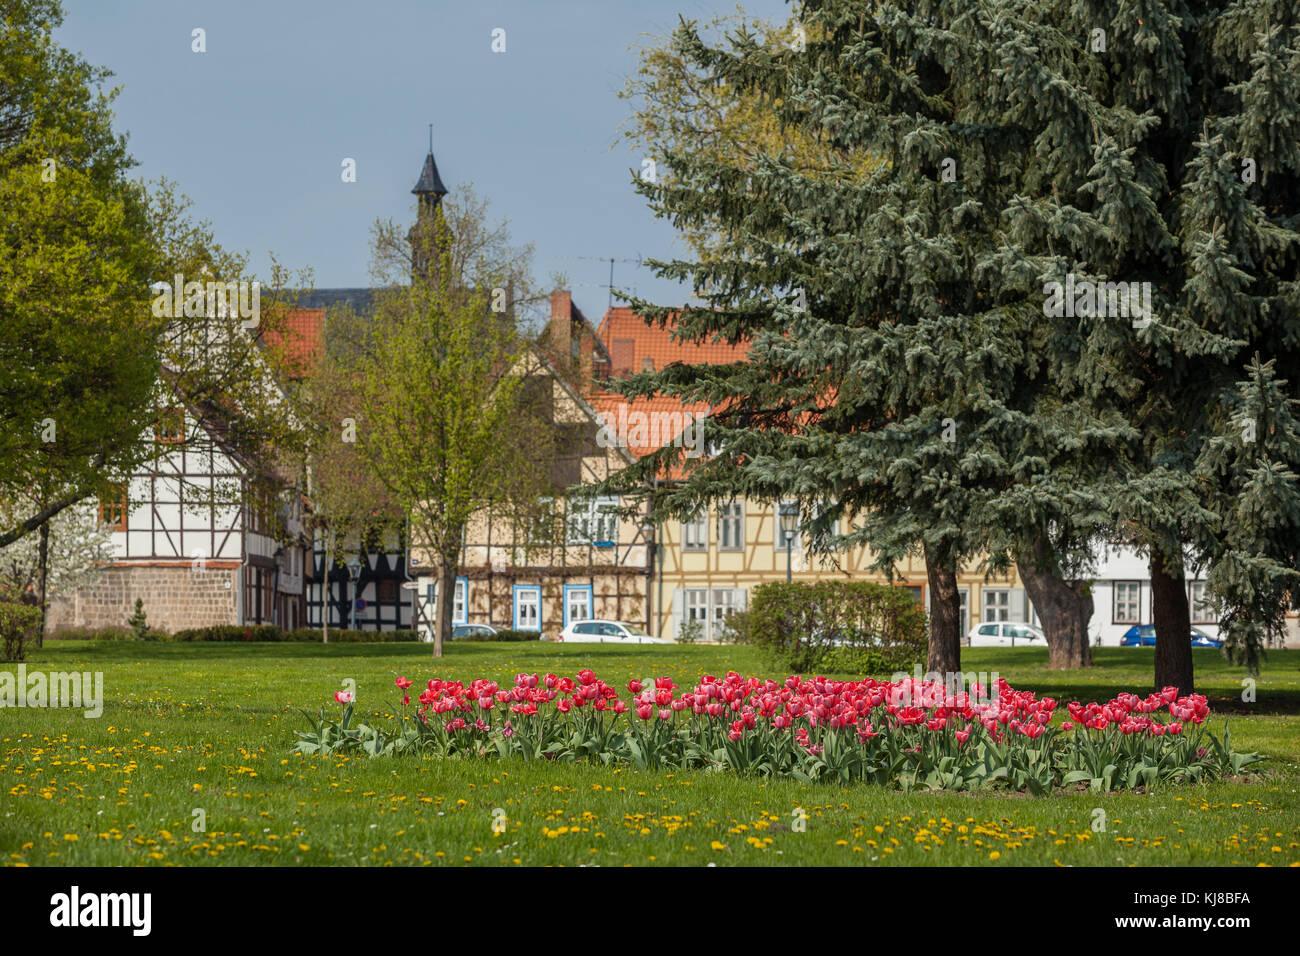 Welterbestadt Quedlinburg Fachwerkfassen im Stadtkern - Stock Image